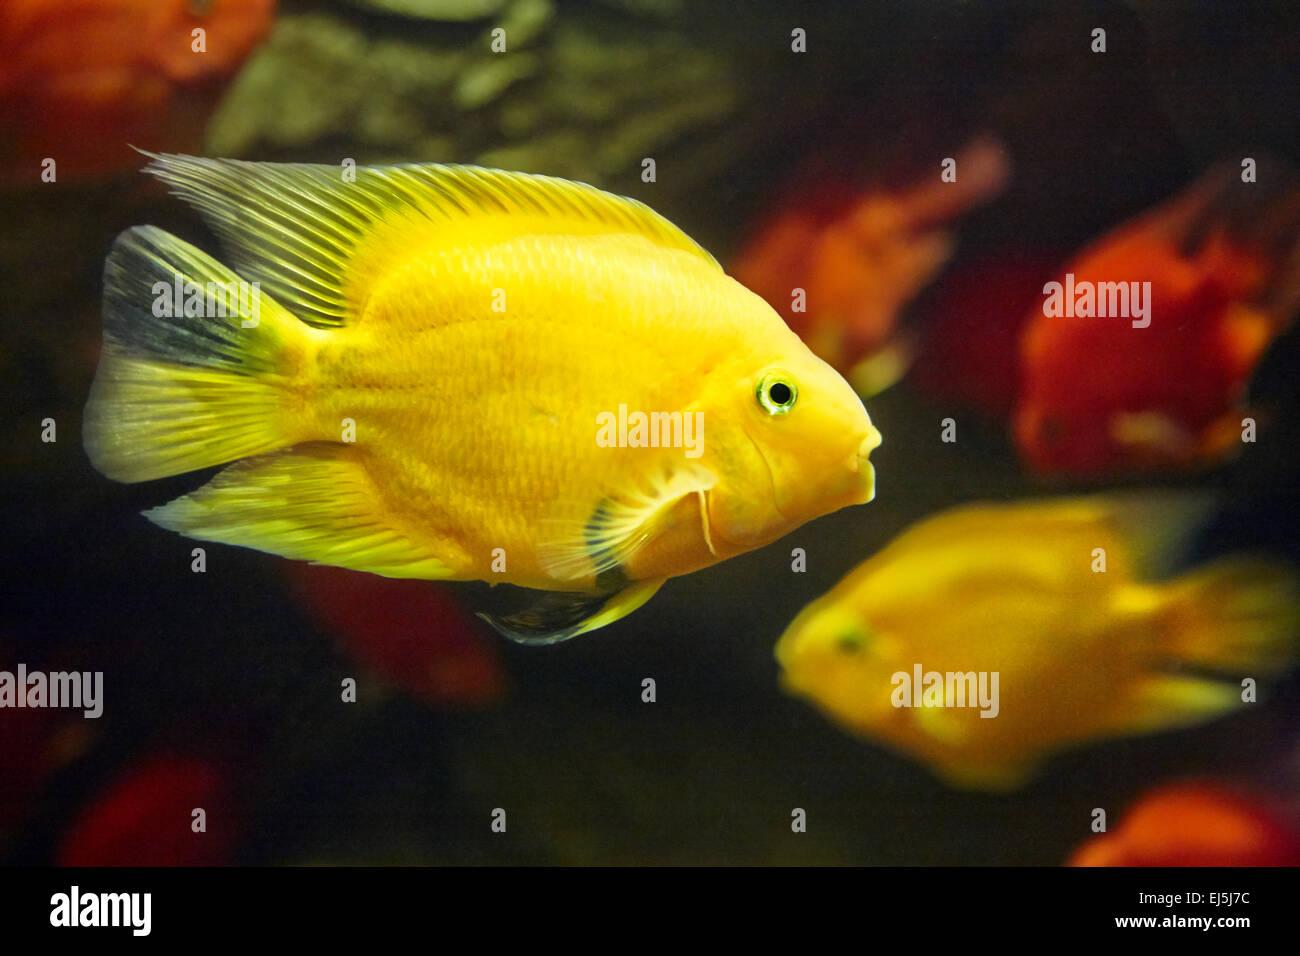 Blood Parrot Cichlids. Vinpearl Land Aquarium, Phu Quoc, Vietnam. - Stock Image